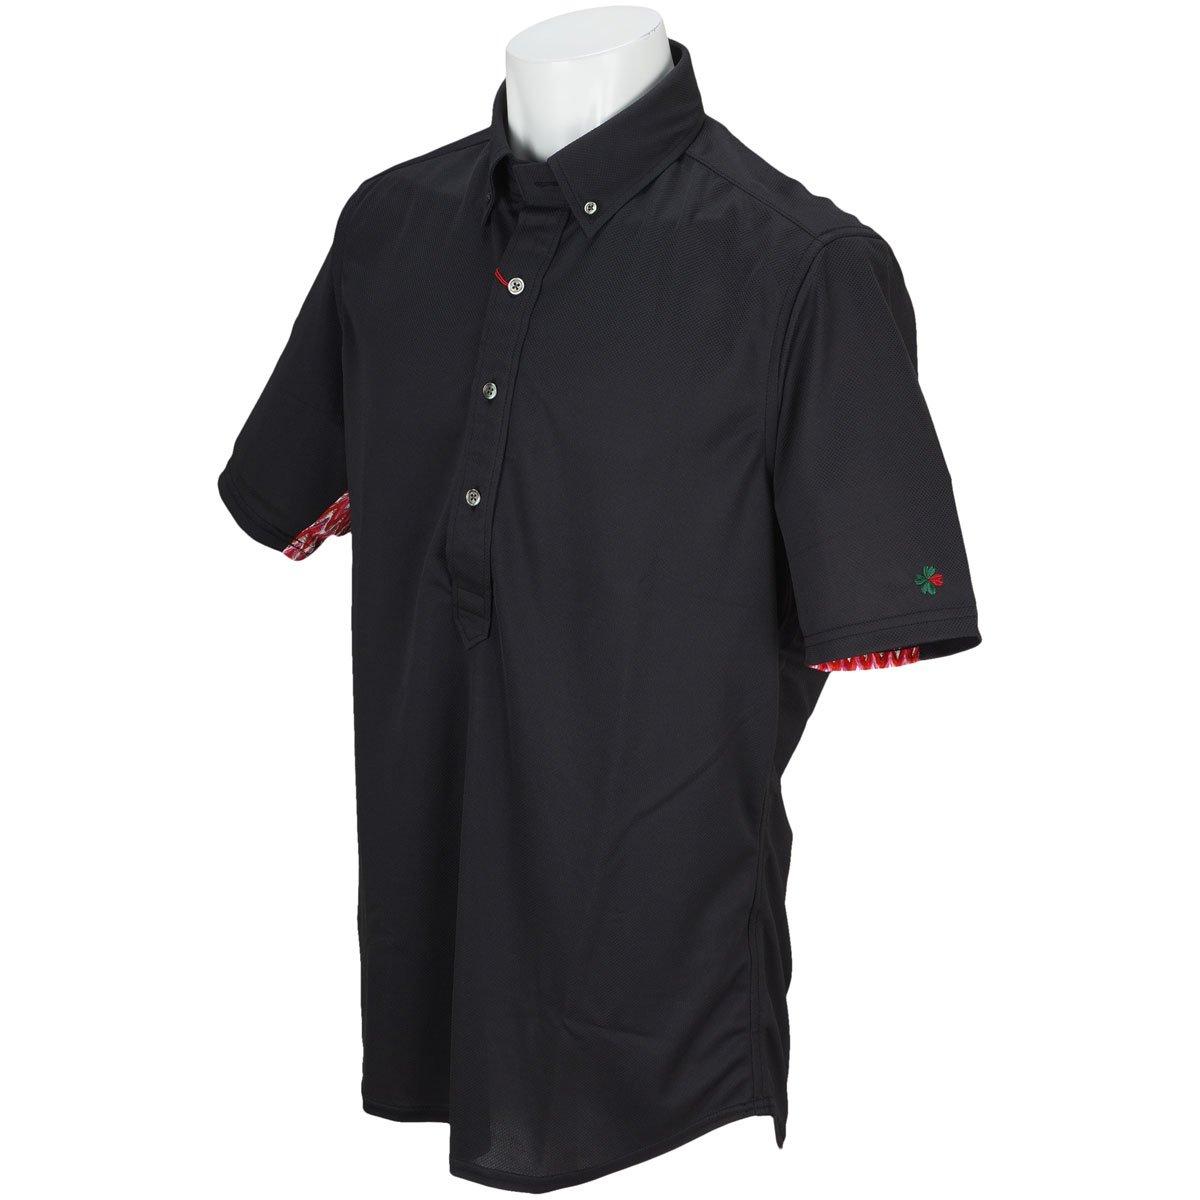 ブラッドシフト BLOOD SHIFT 半袖シャツポロシャツ スリーブアレンジボタンダウン半袖ポロシャツ B07BZLRTR4 46|ブラック ブラック 46